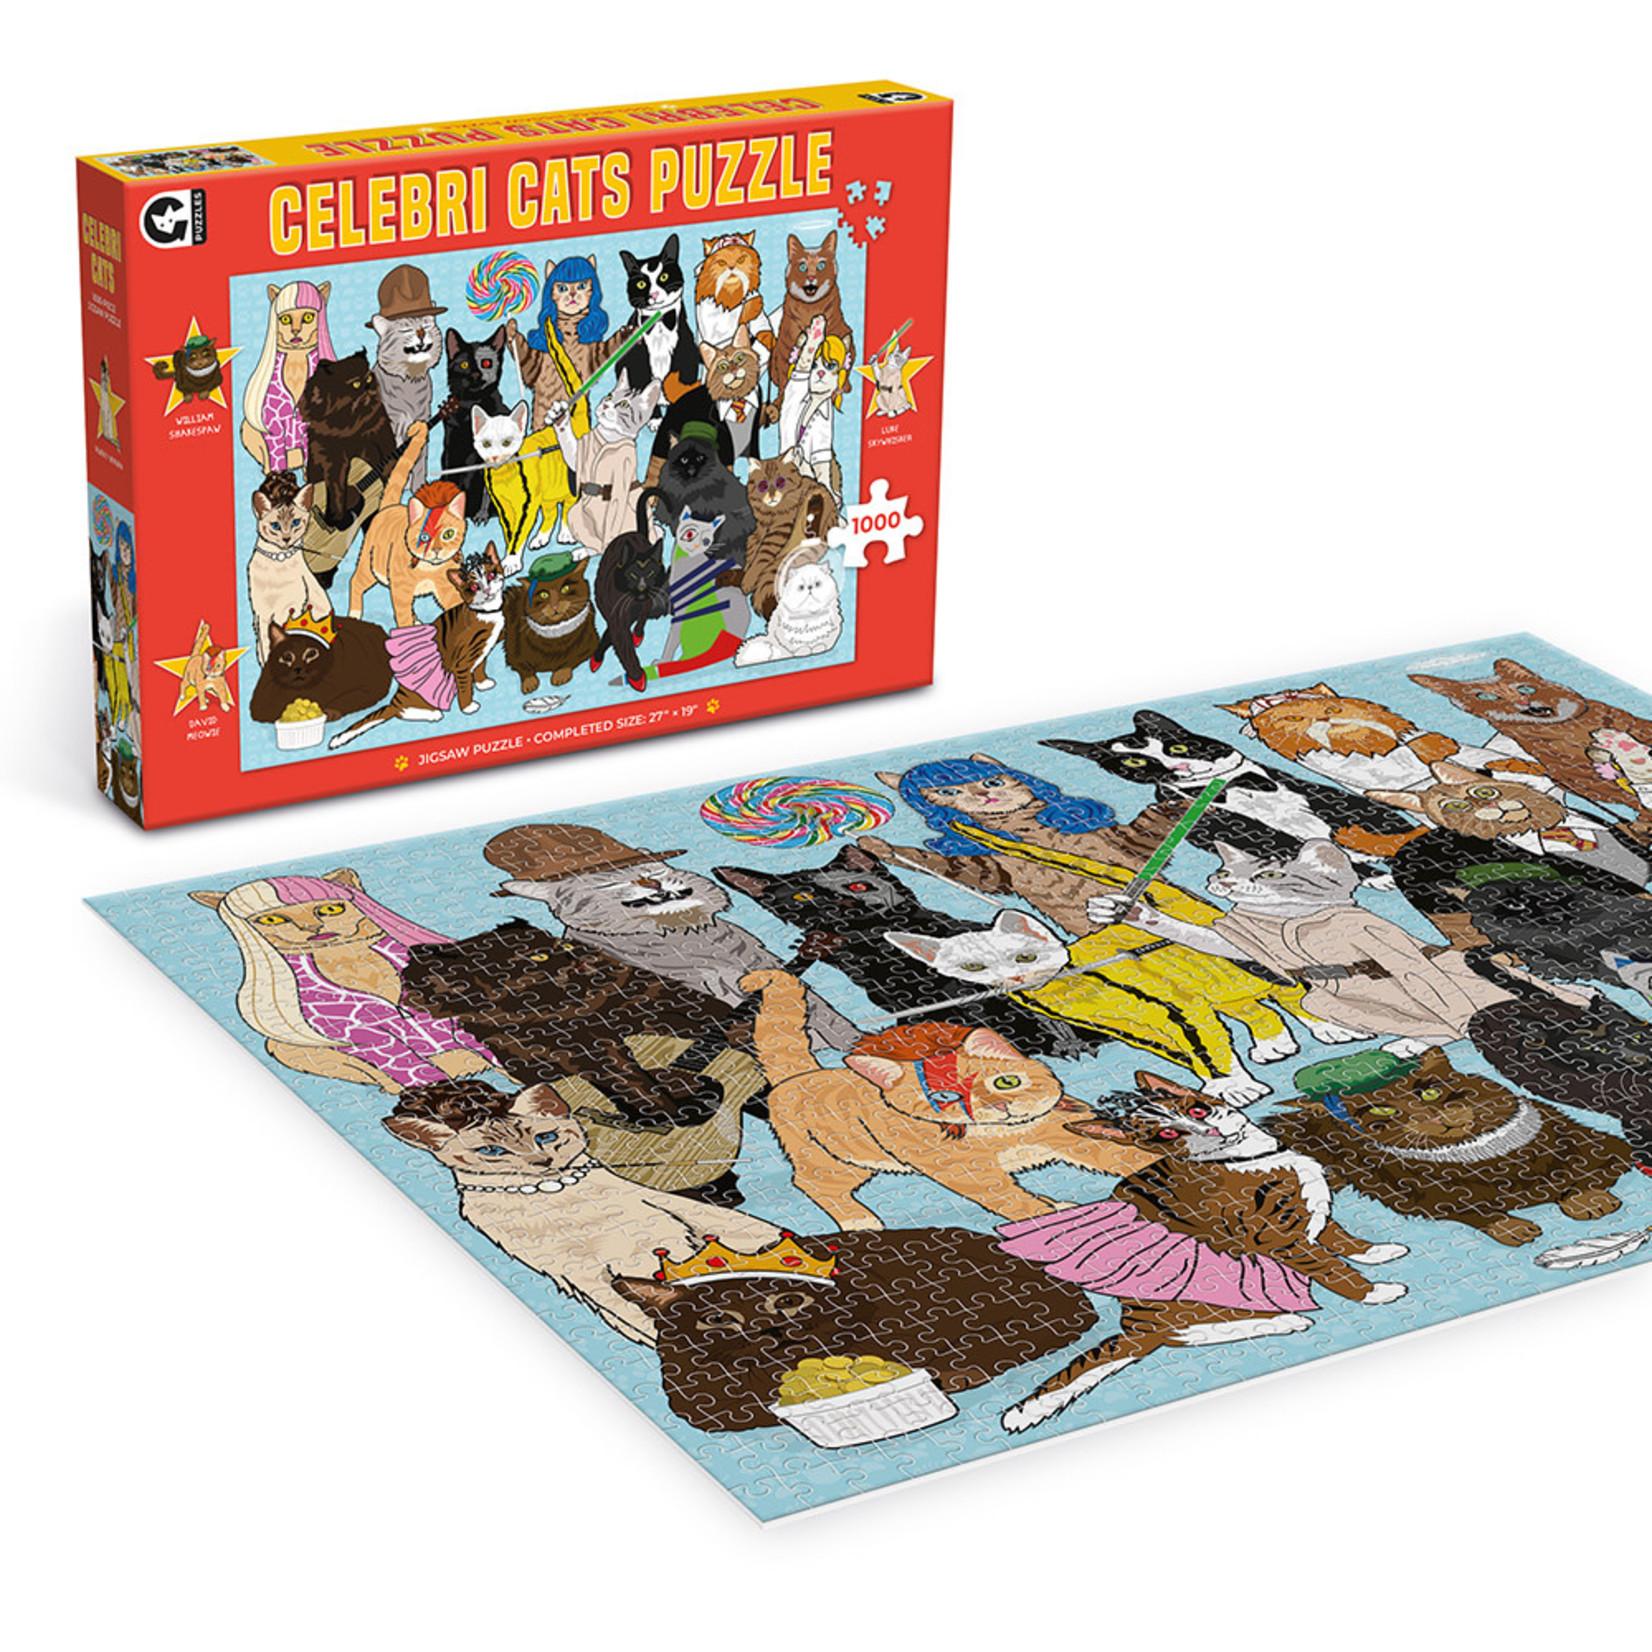 Celebri Cats Puzzle